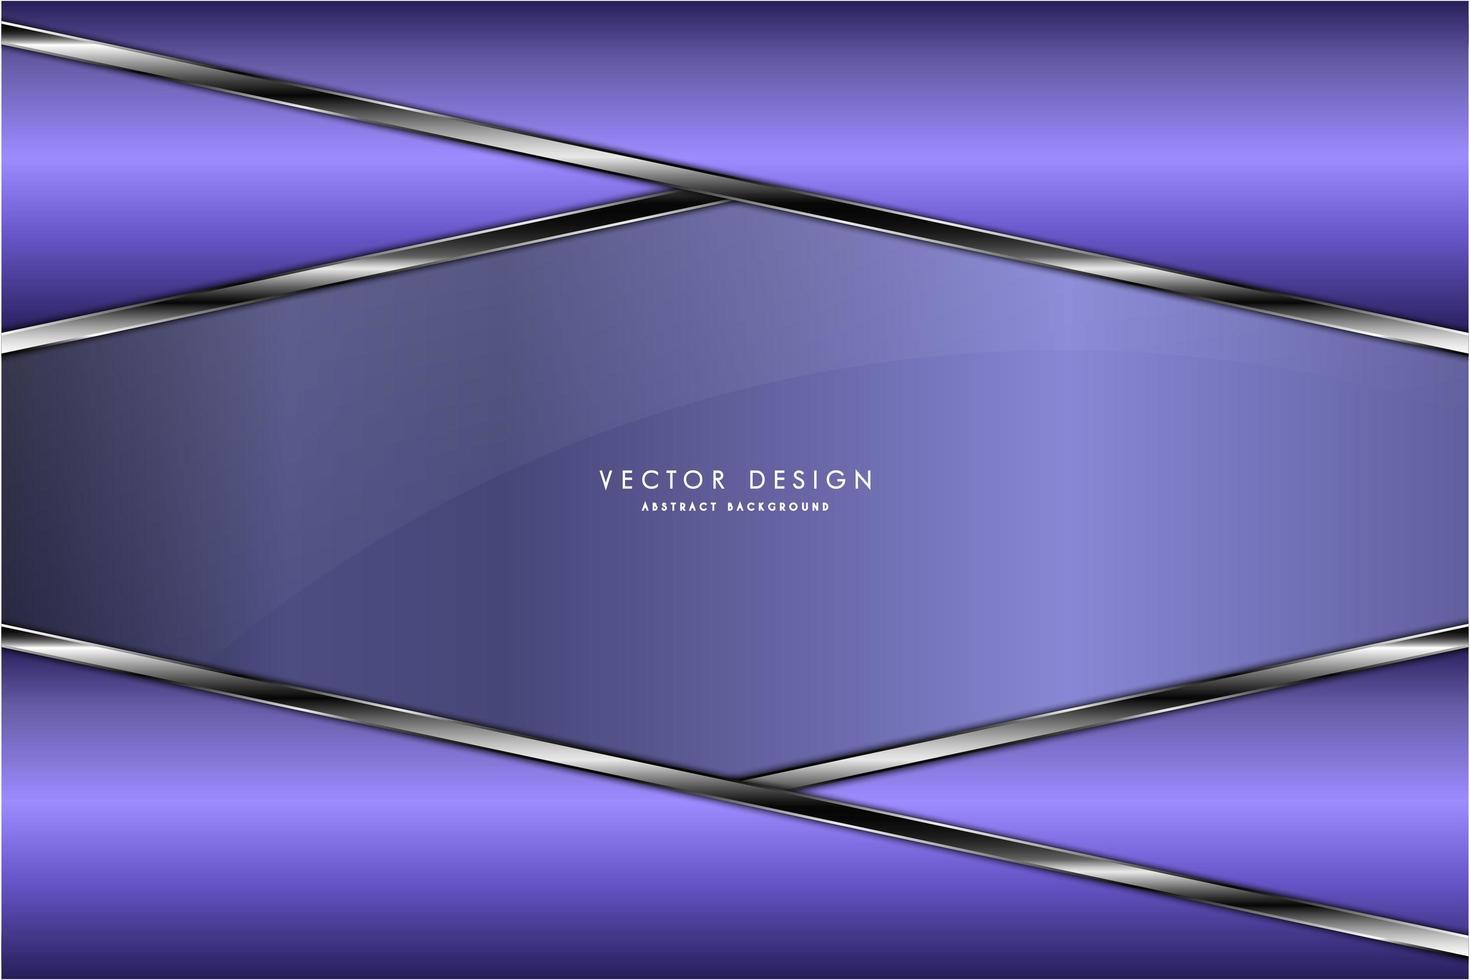 piatti angolati viola metallizzati con bordi argento vettore